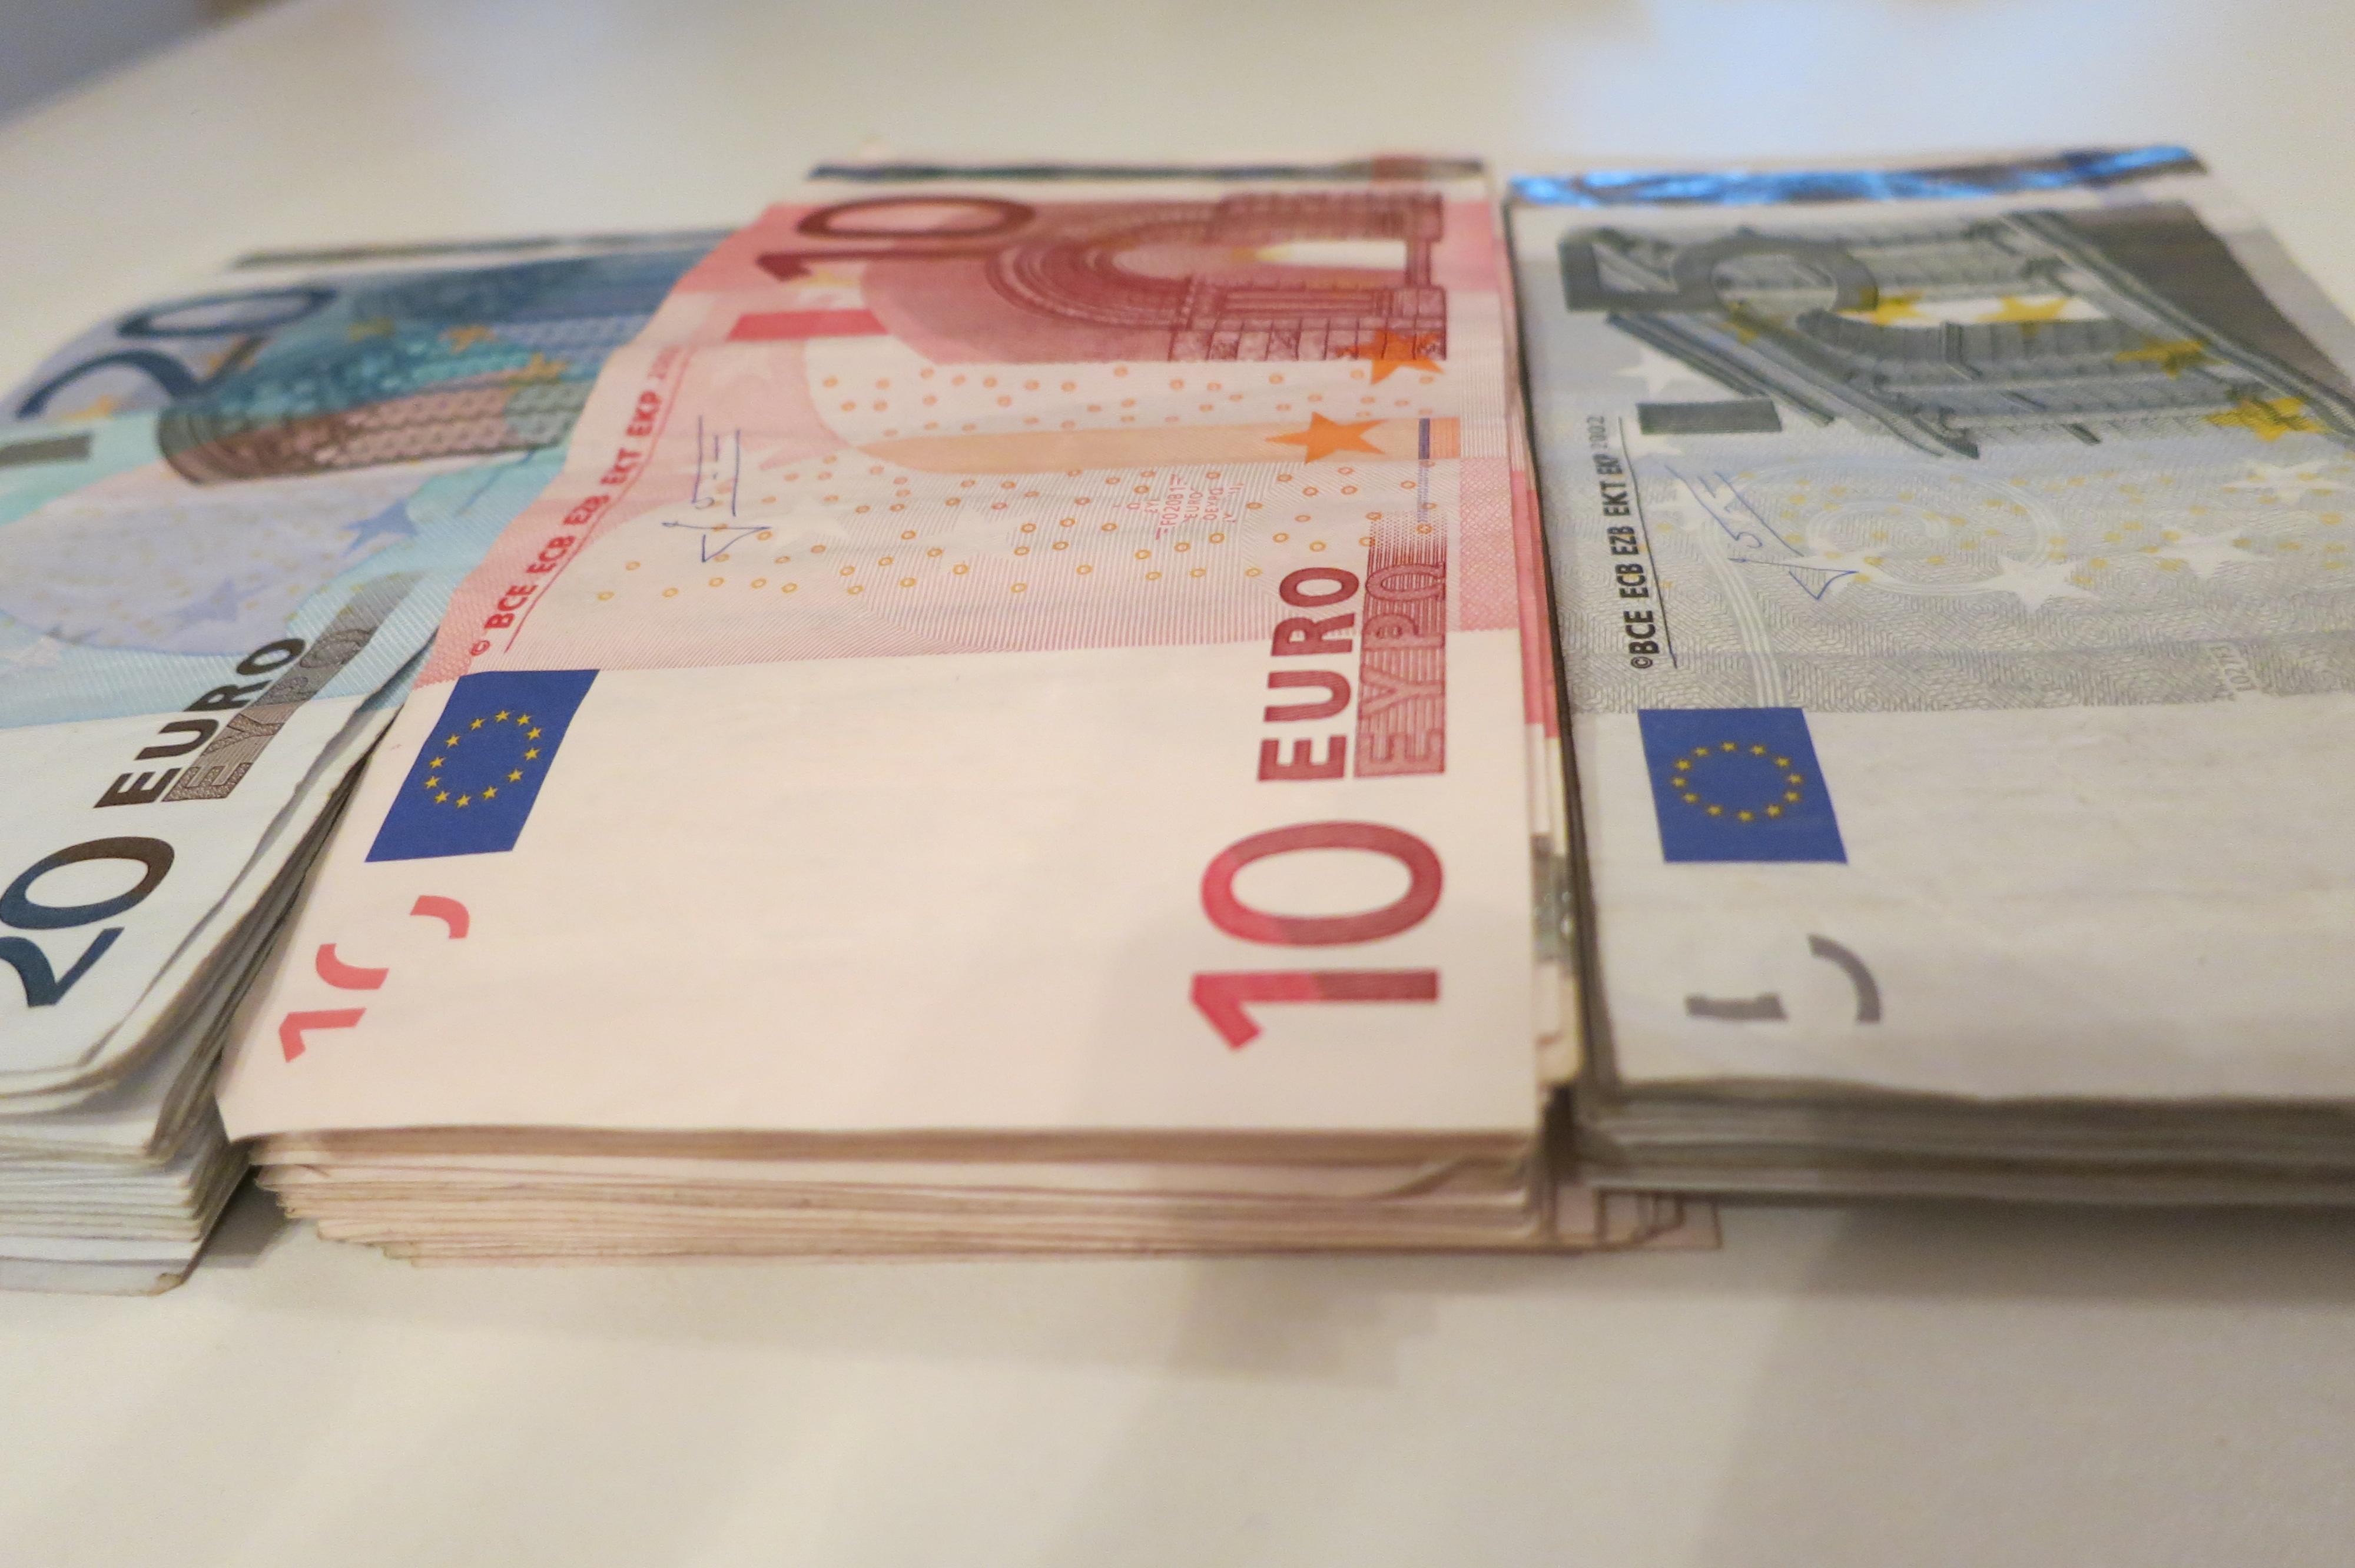 Půjčka 1000kč